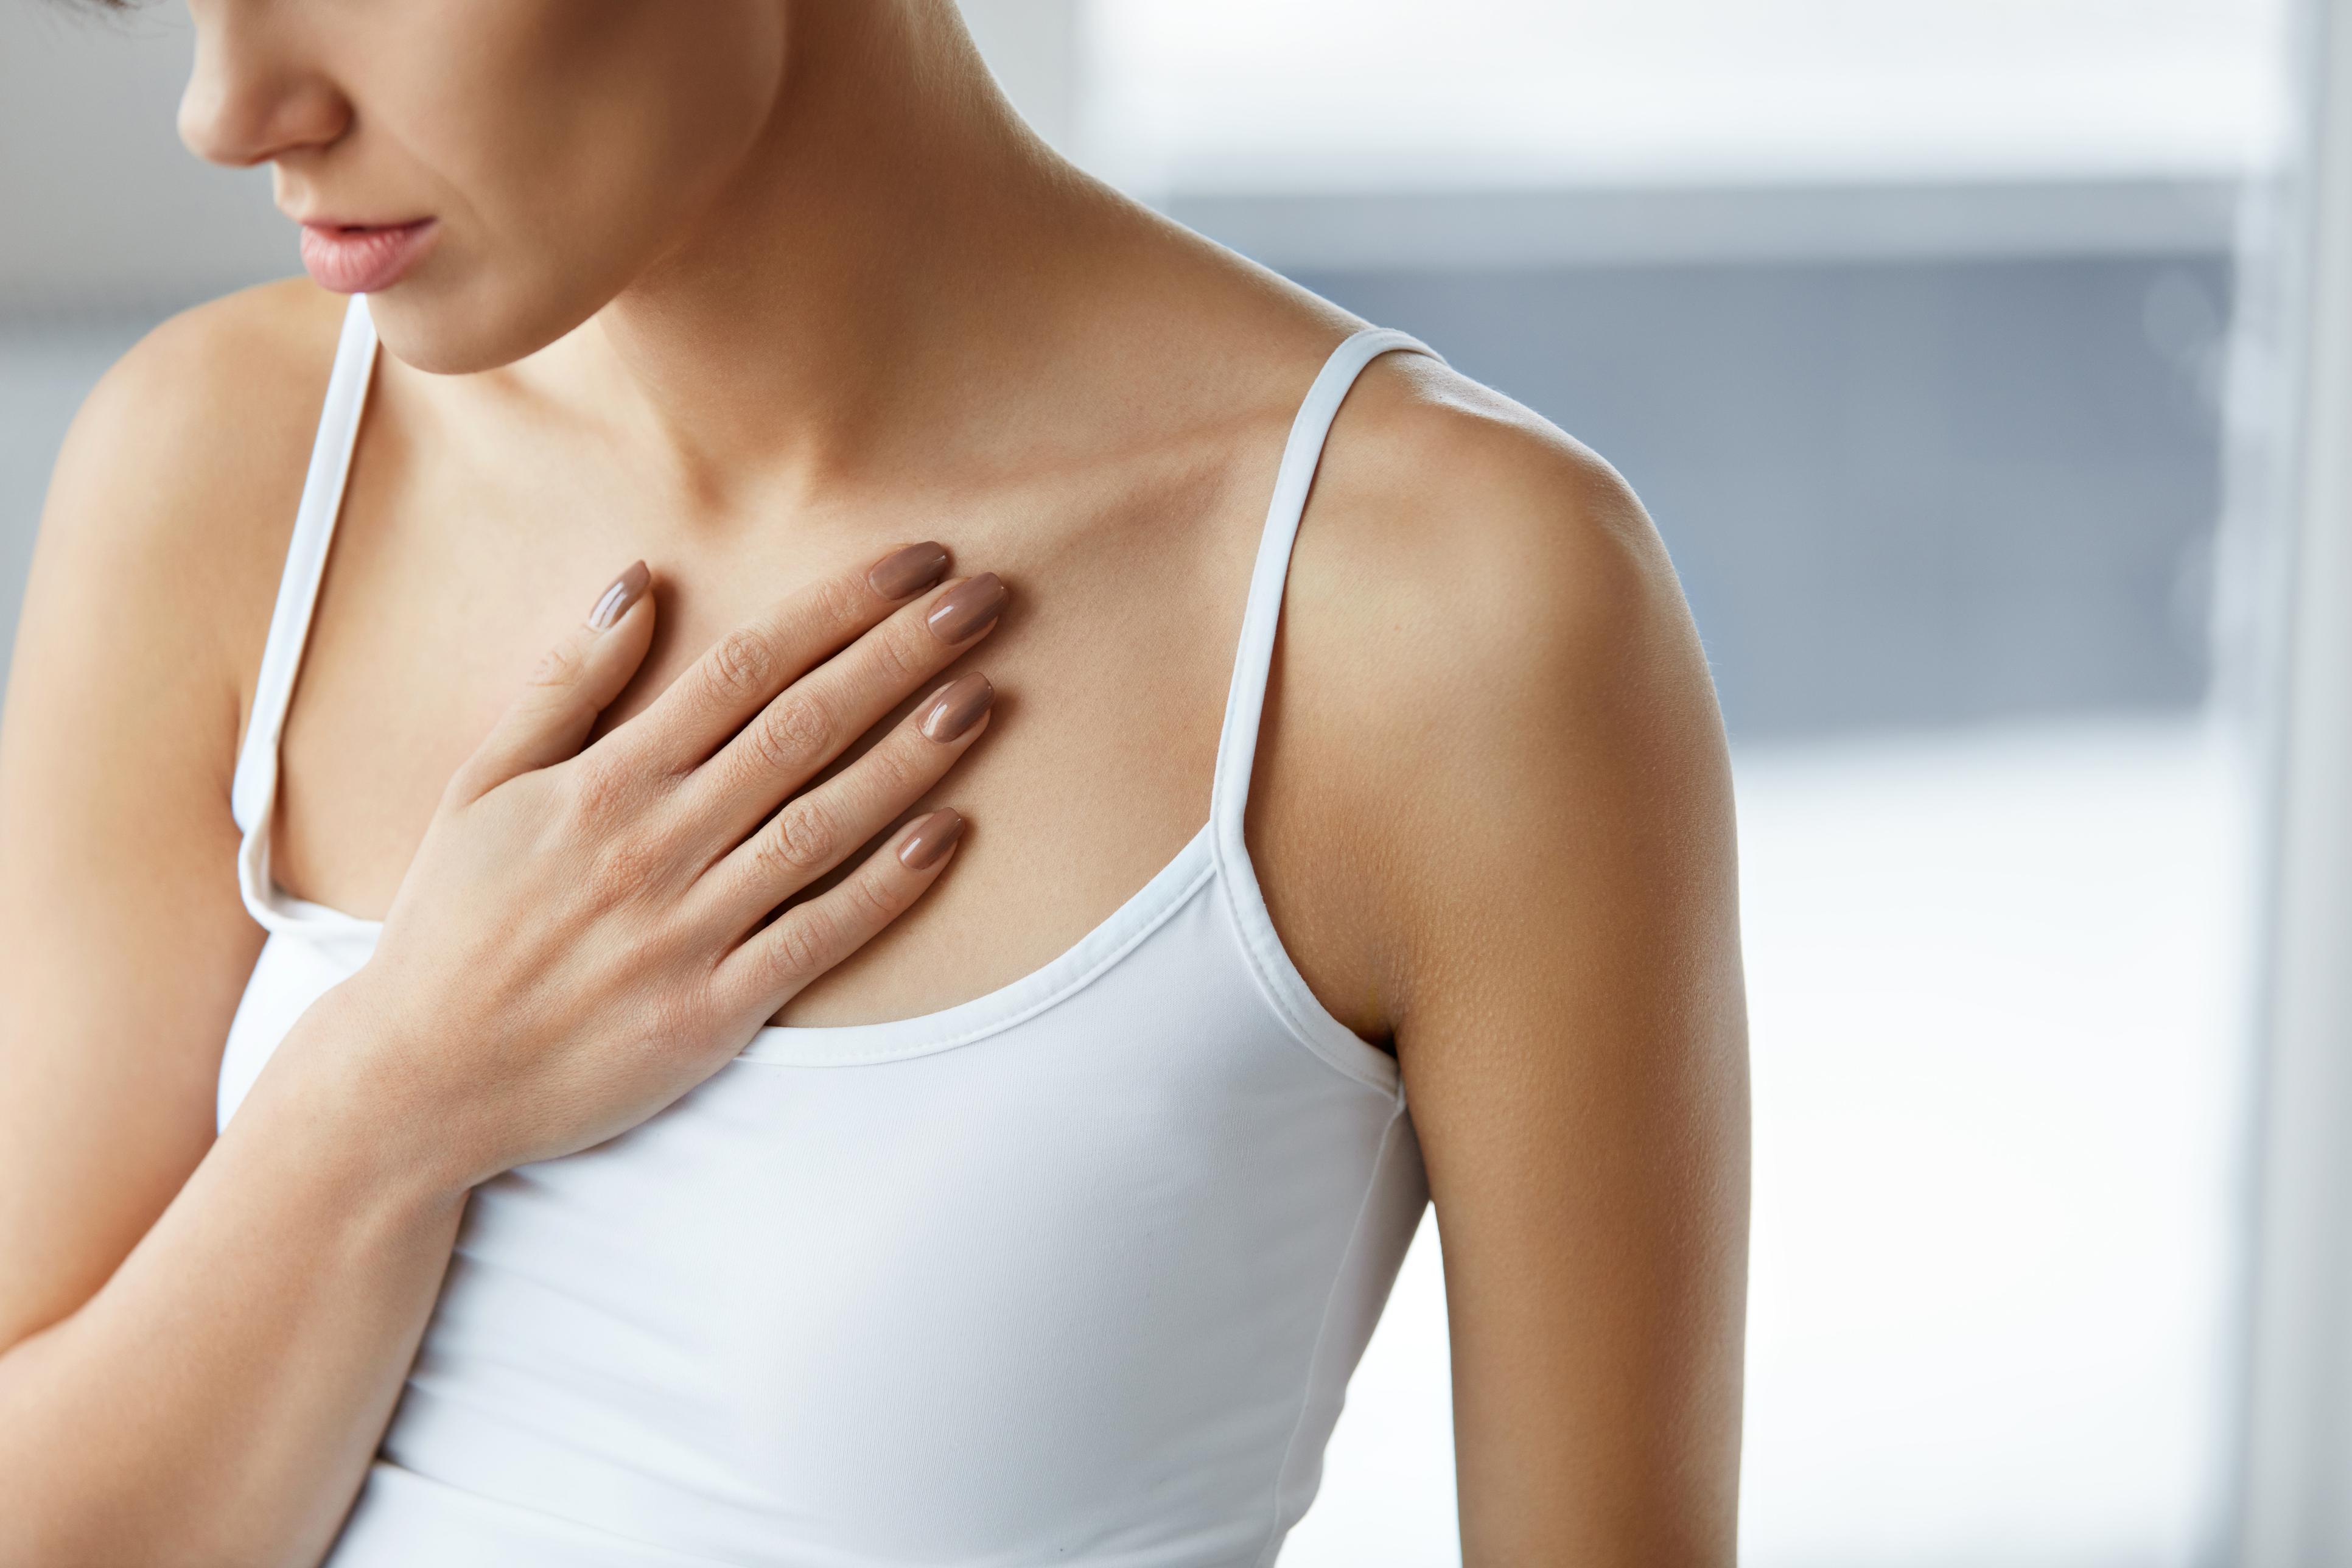 Резкое Похудение Болит В Груди. 10 причин, почему может болеть грудь у женщин